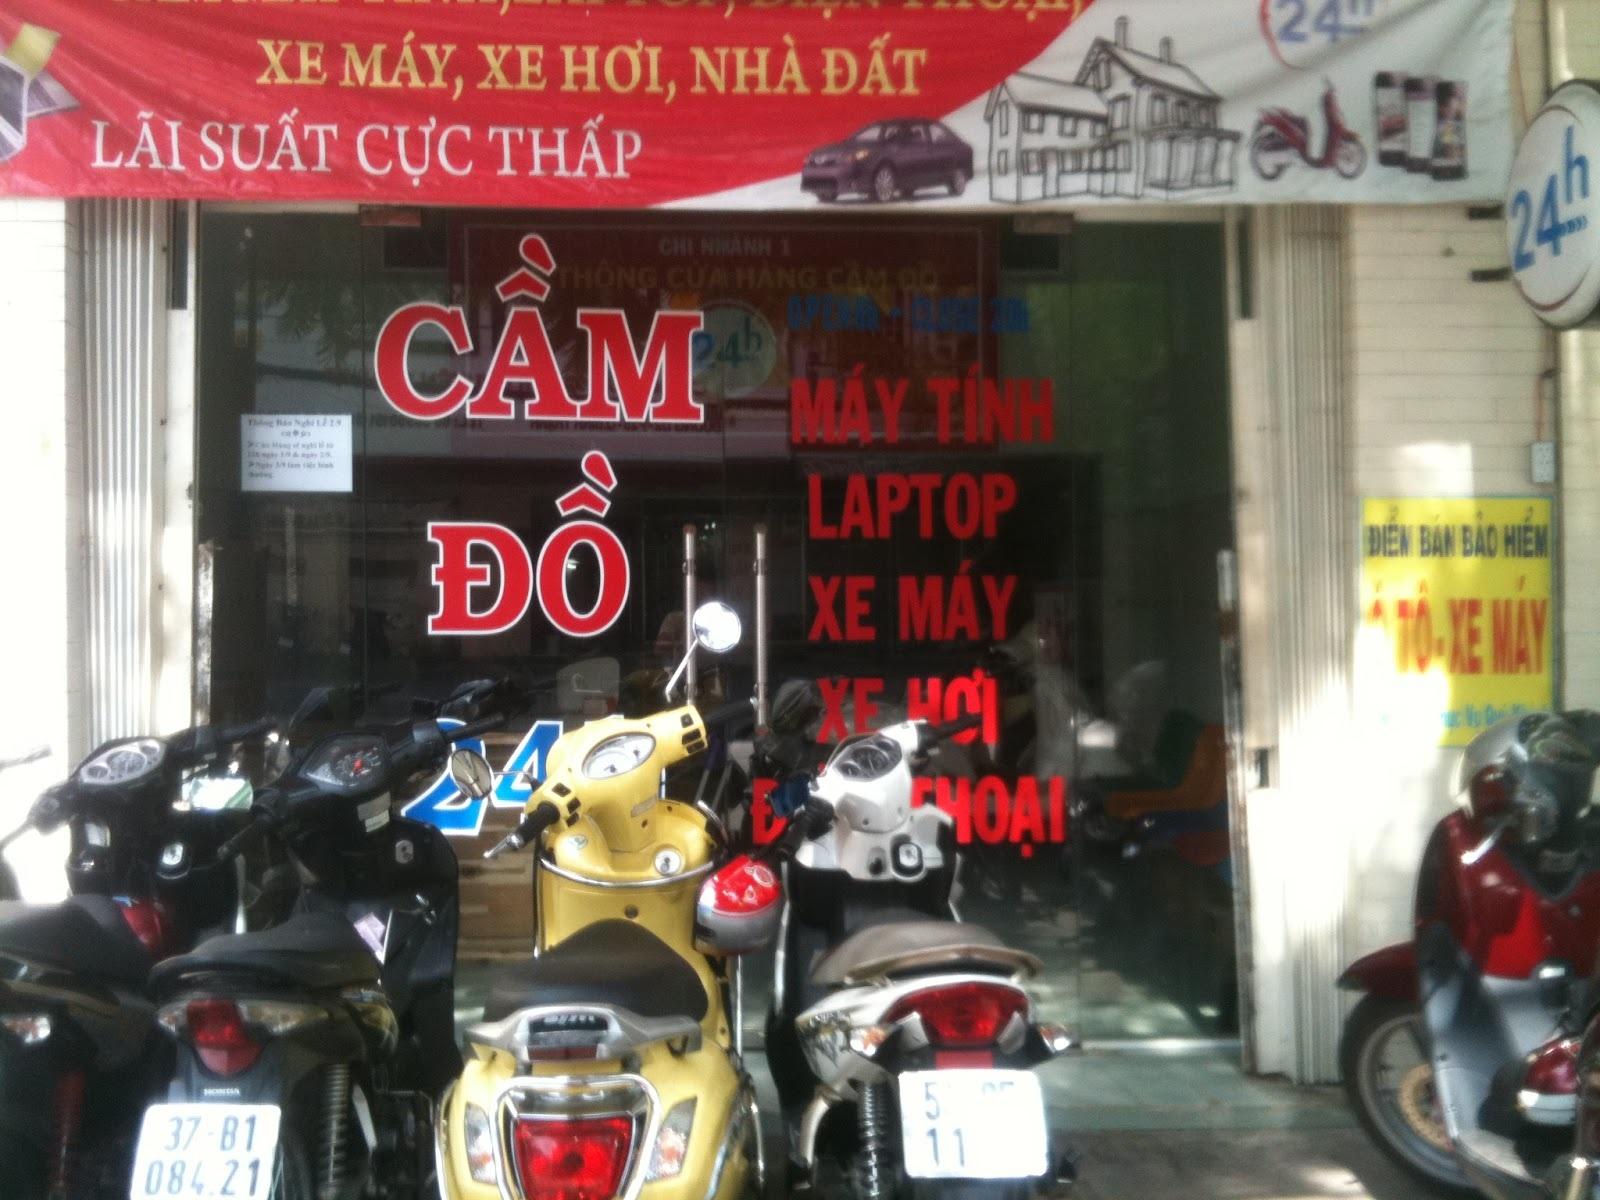 Dịch vụ cầm đồ, xe máy, xe hơi và cả nhà đất trên phố Đặng Dung (Hà Nội)